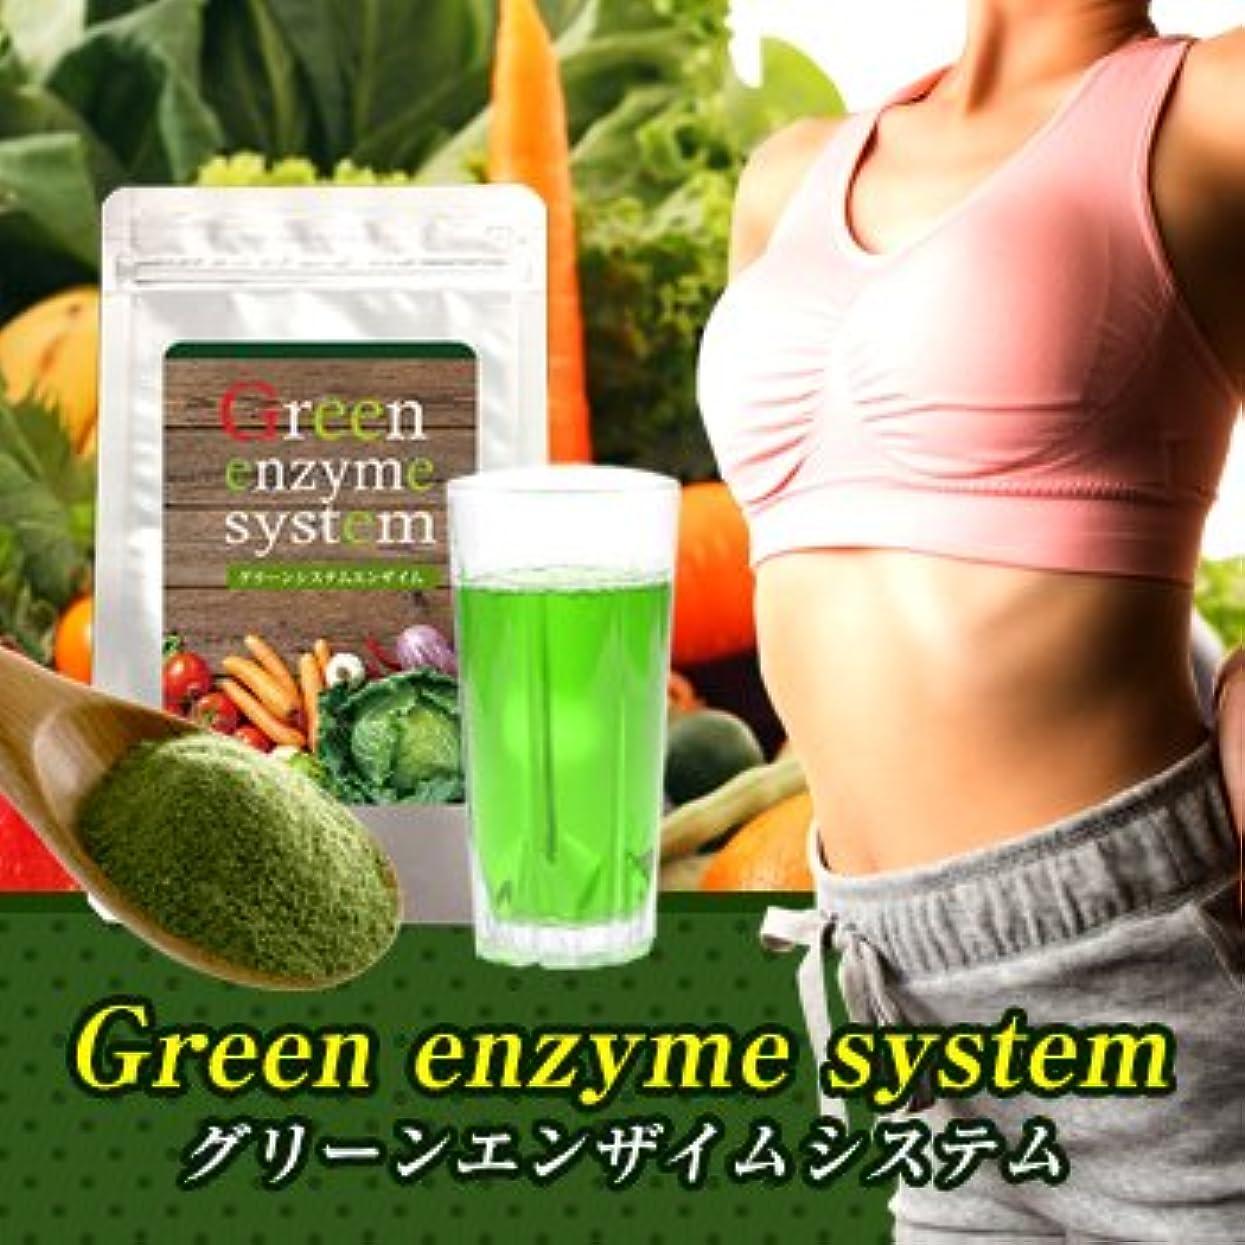 行く反抗知覚できるGreen enzyme system(グリーンエンザイムシステム)